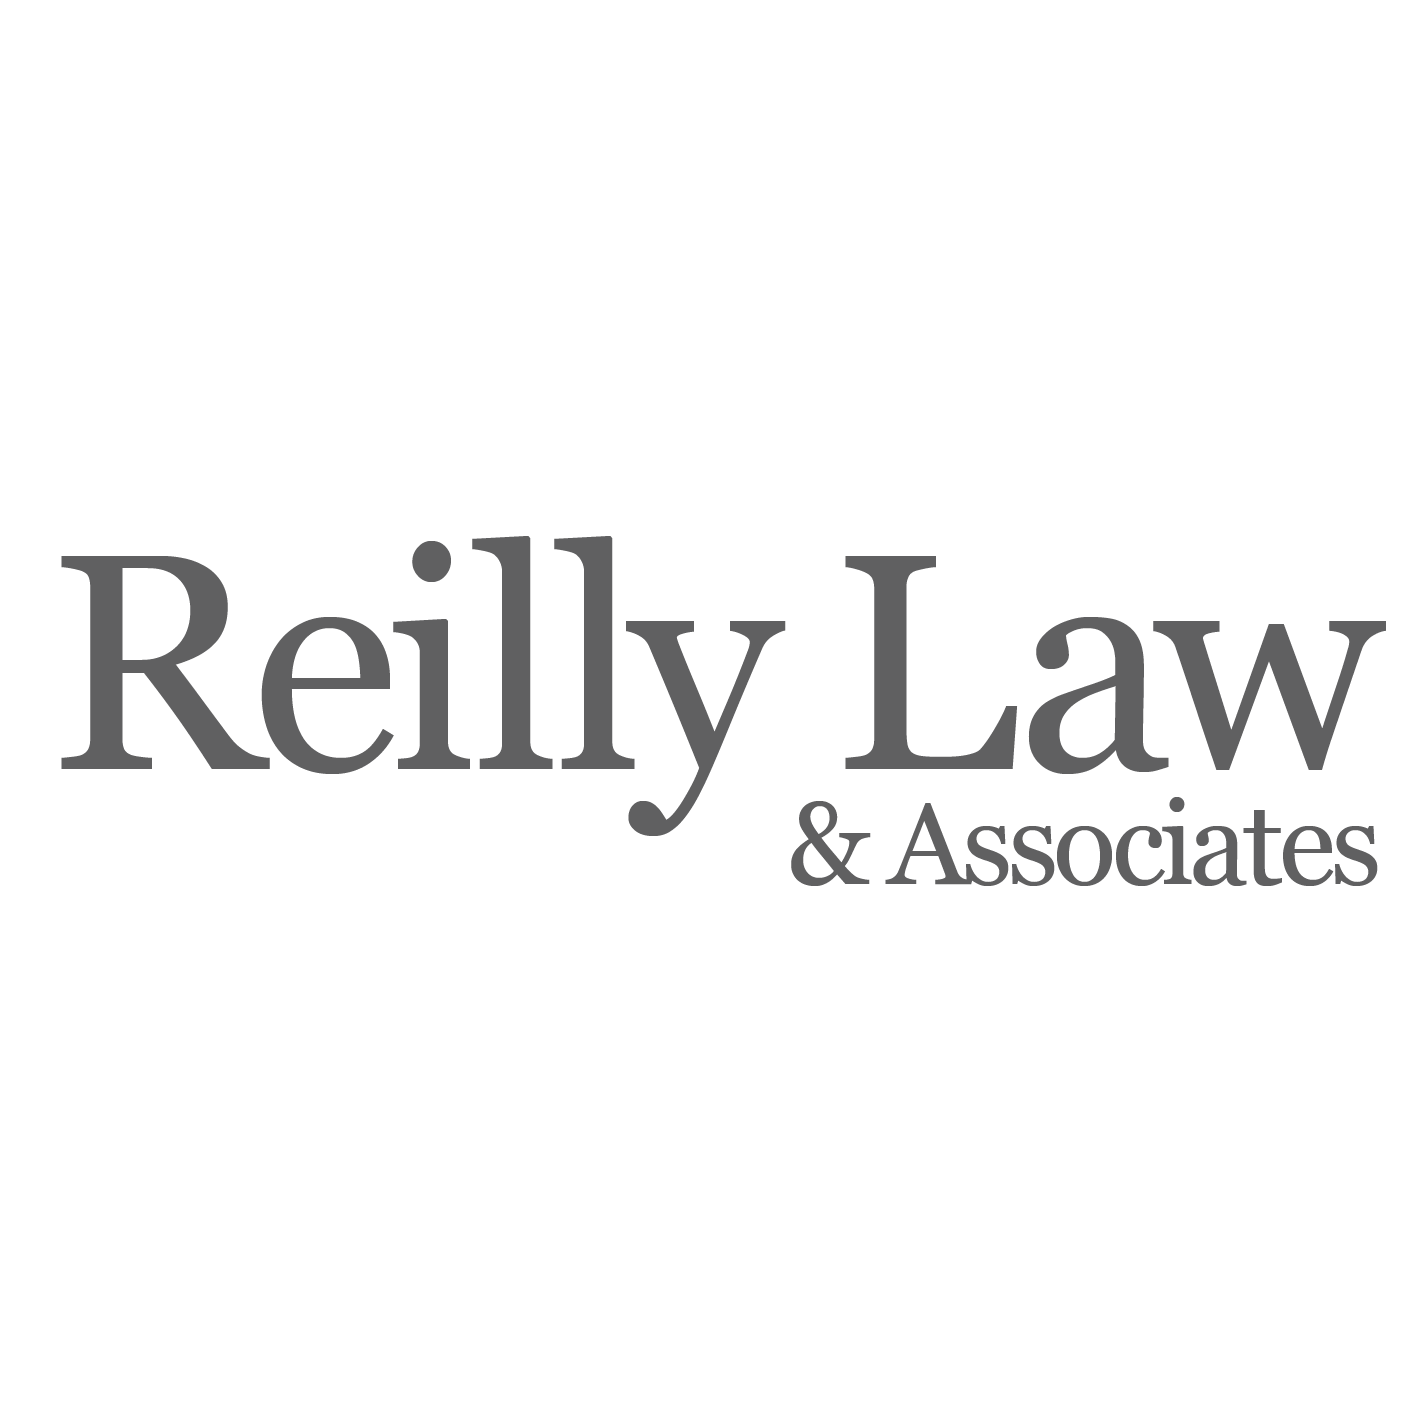 Reilly Law & Associates